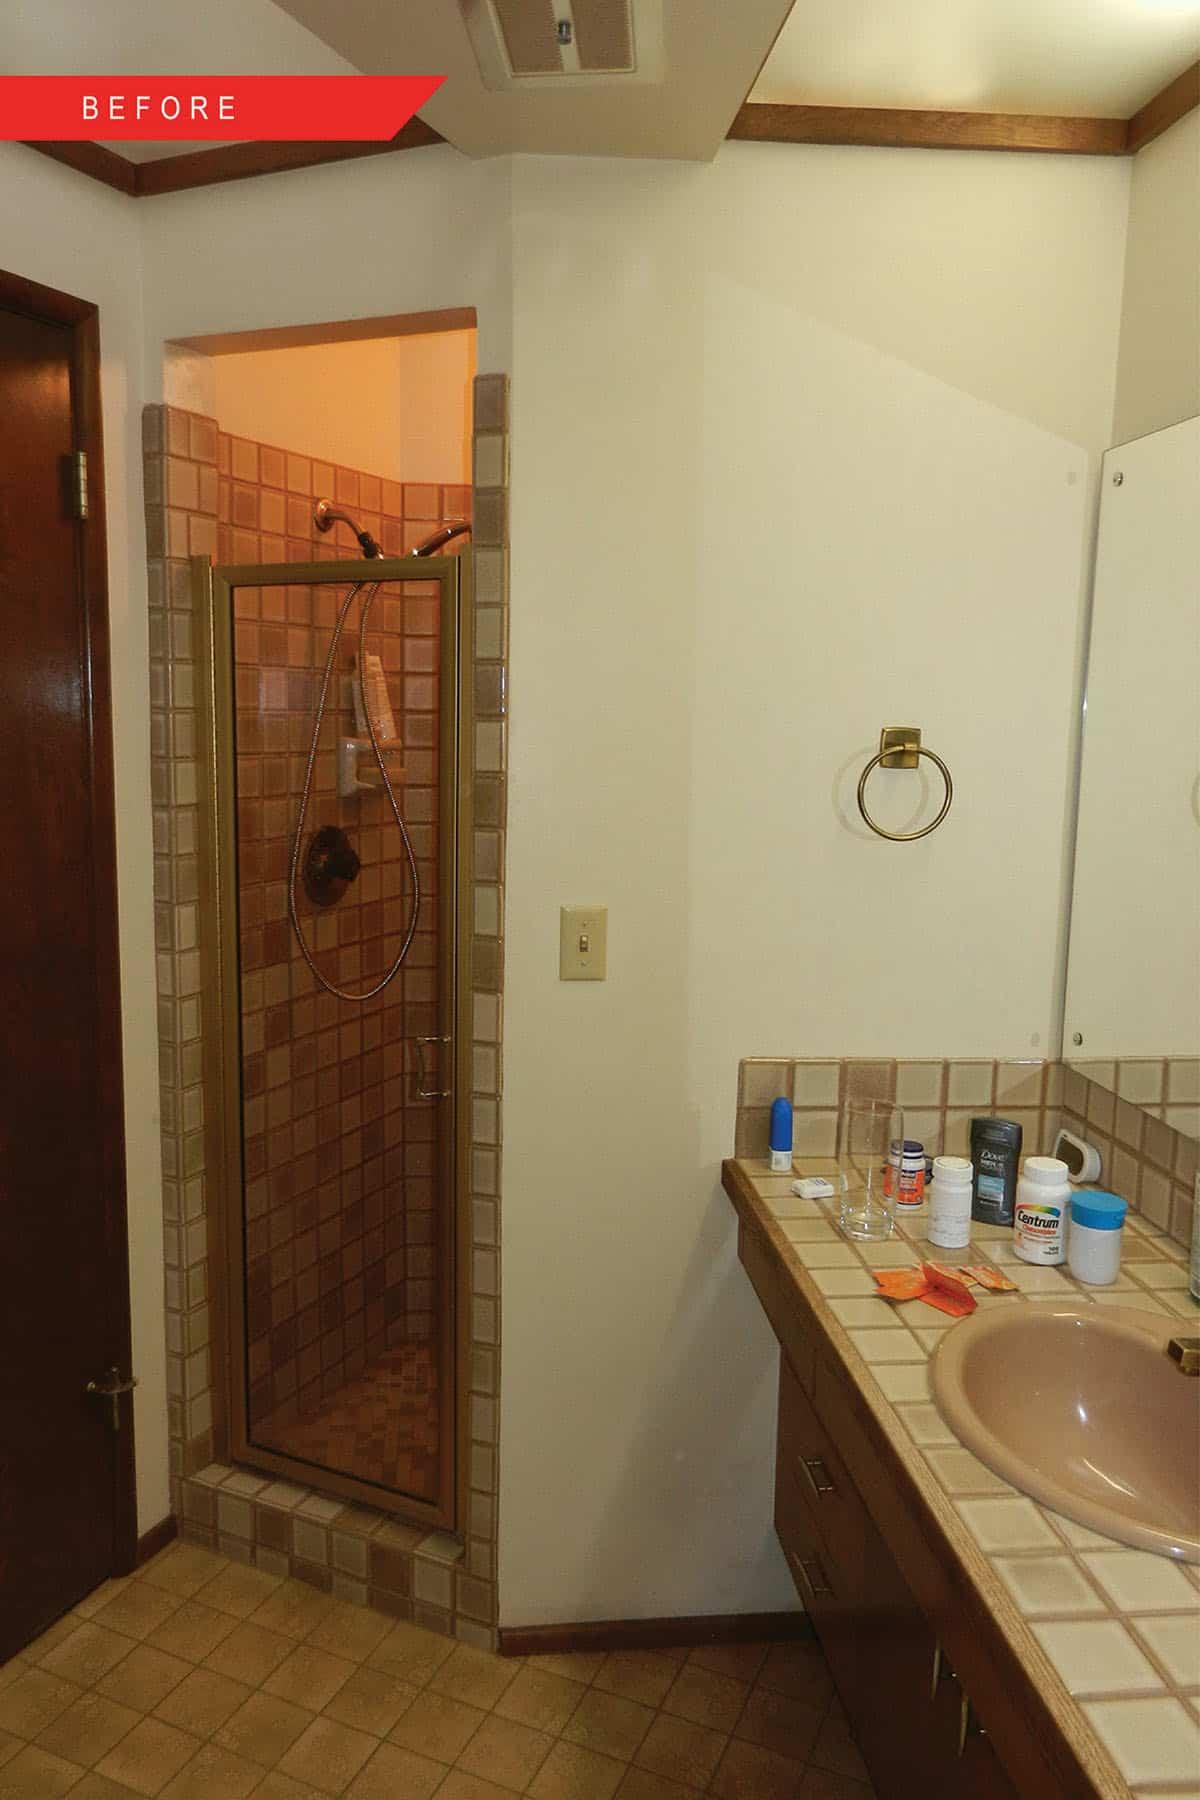 midcentury-bathroom-before-remodel